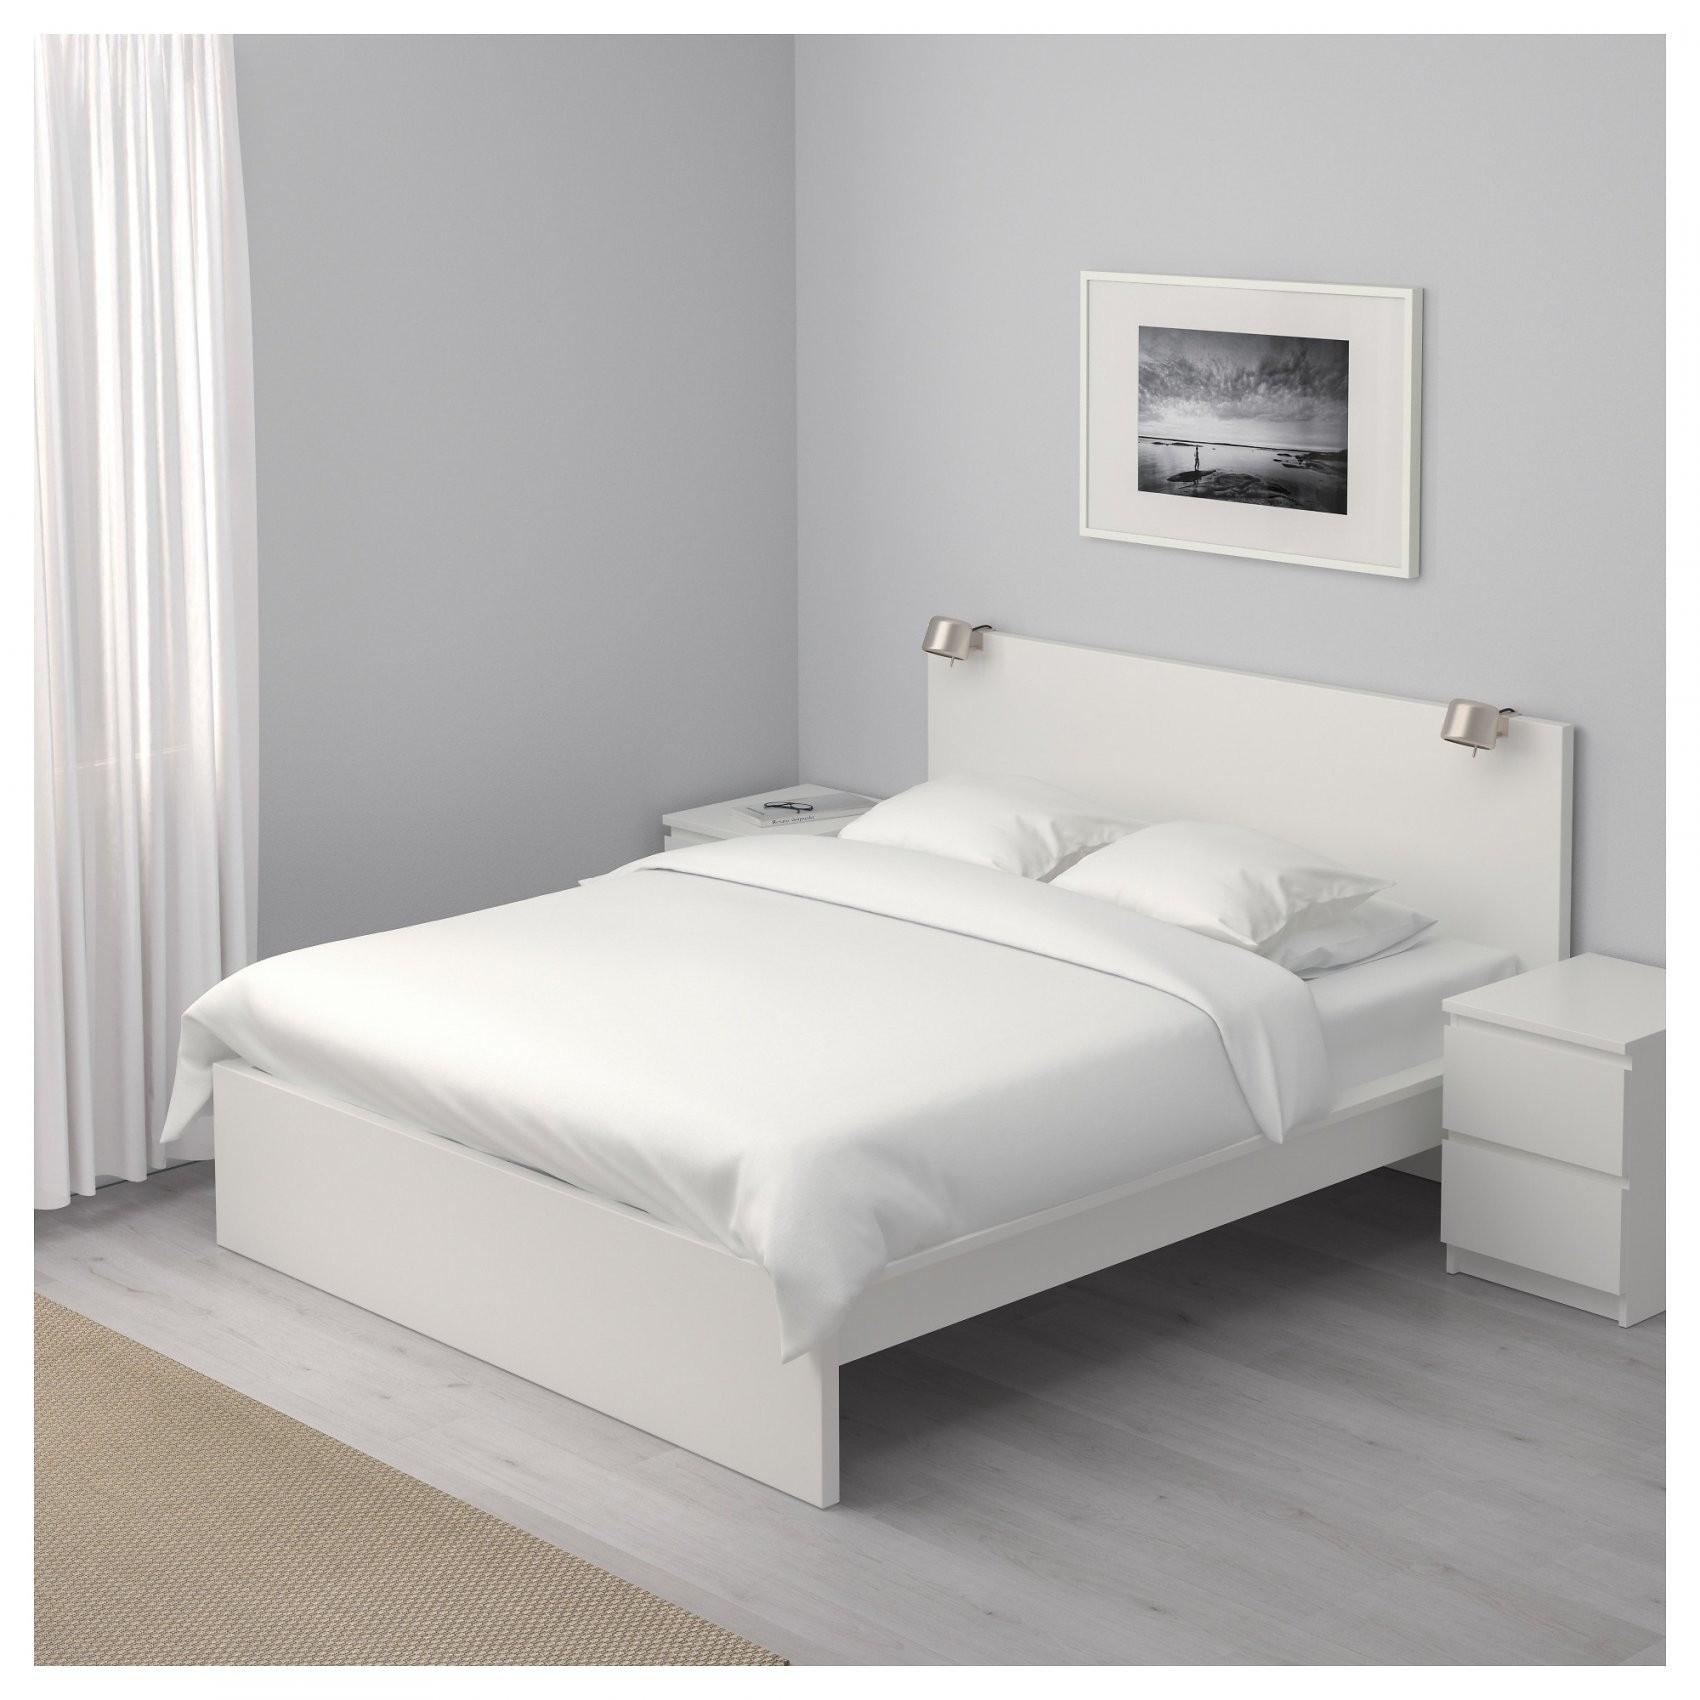 Malm Bettgestell Hoch  140X200 Cm  Weiß  Ikea von Ikea Bett Weiß 180X200 Photo